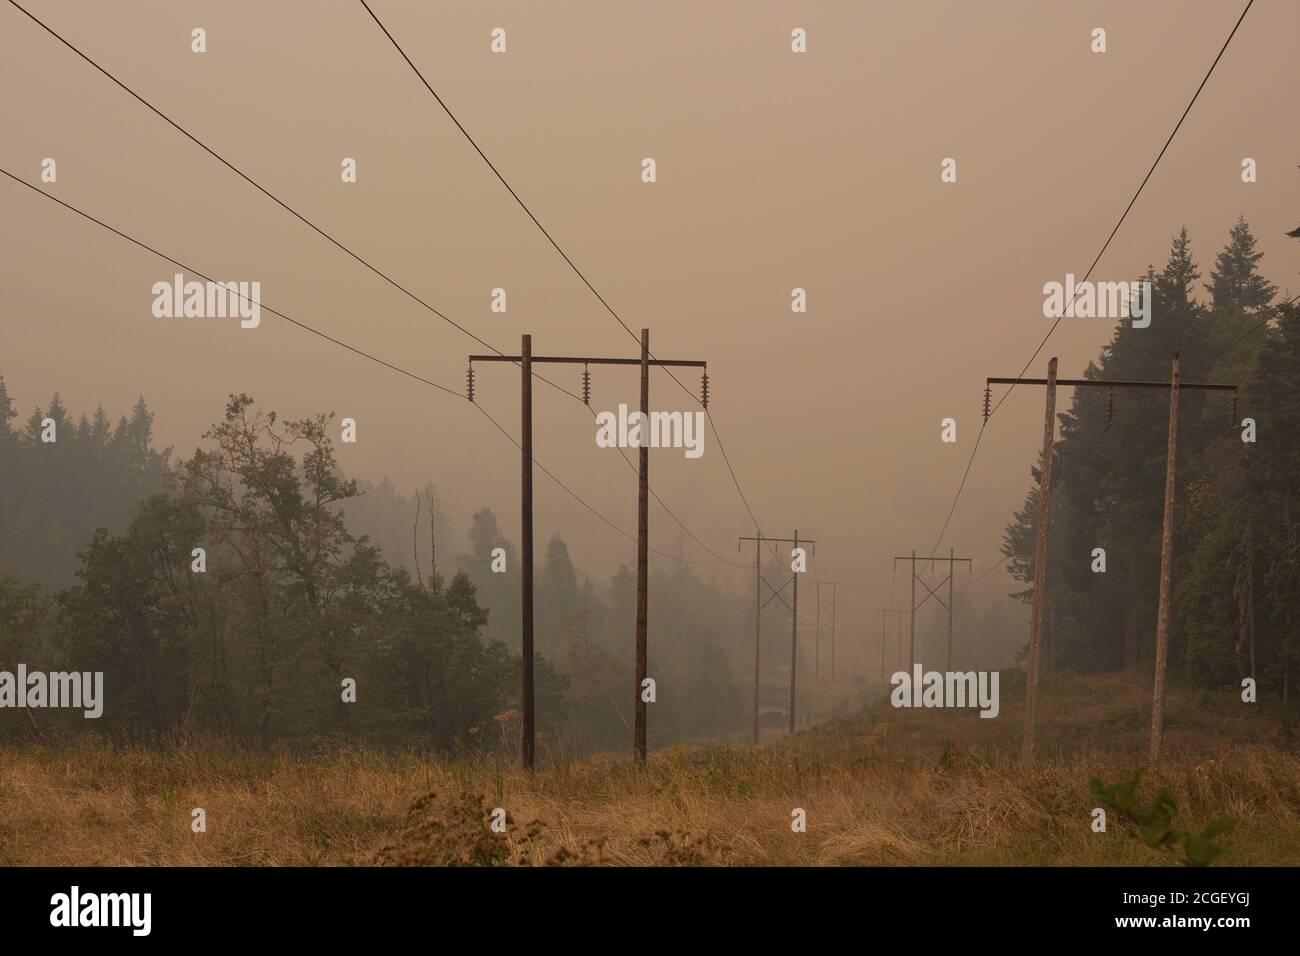 Líneas eléctricas en humo espeso de incendios forestales cercanos, en Eugene, Oregon, EE.UU. Foto de stock